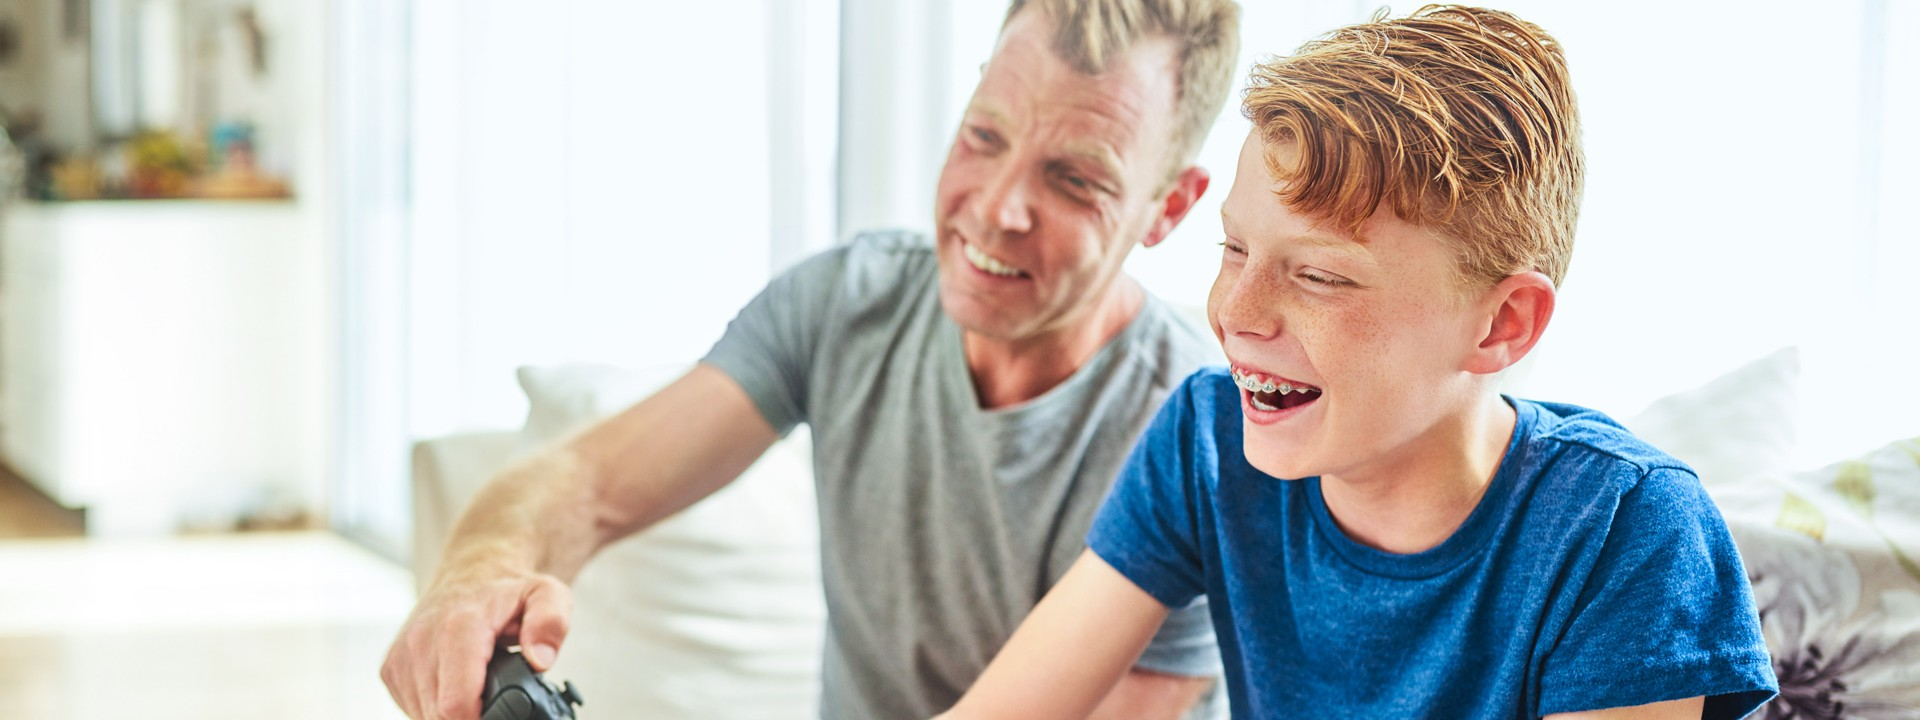 Ein Junge mit blauen Tshirt und Zahnspange sitzt mit einem erwachsenen Mann auf dem Sofa und spielt auf der Spielkonsole.